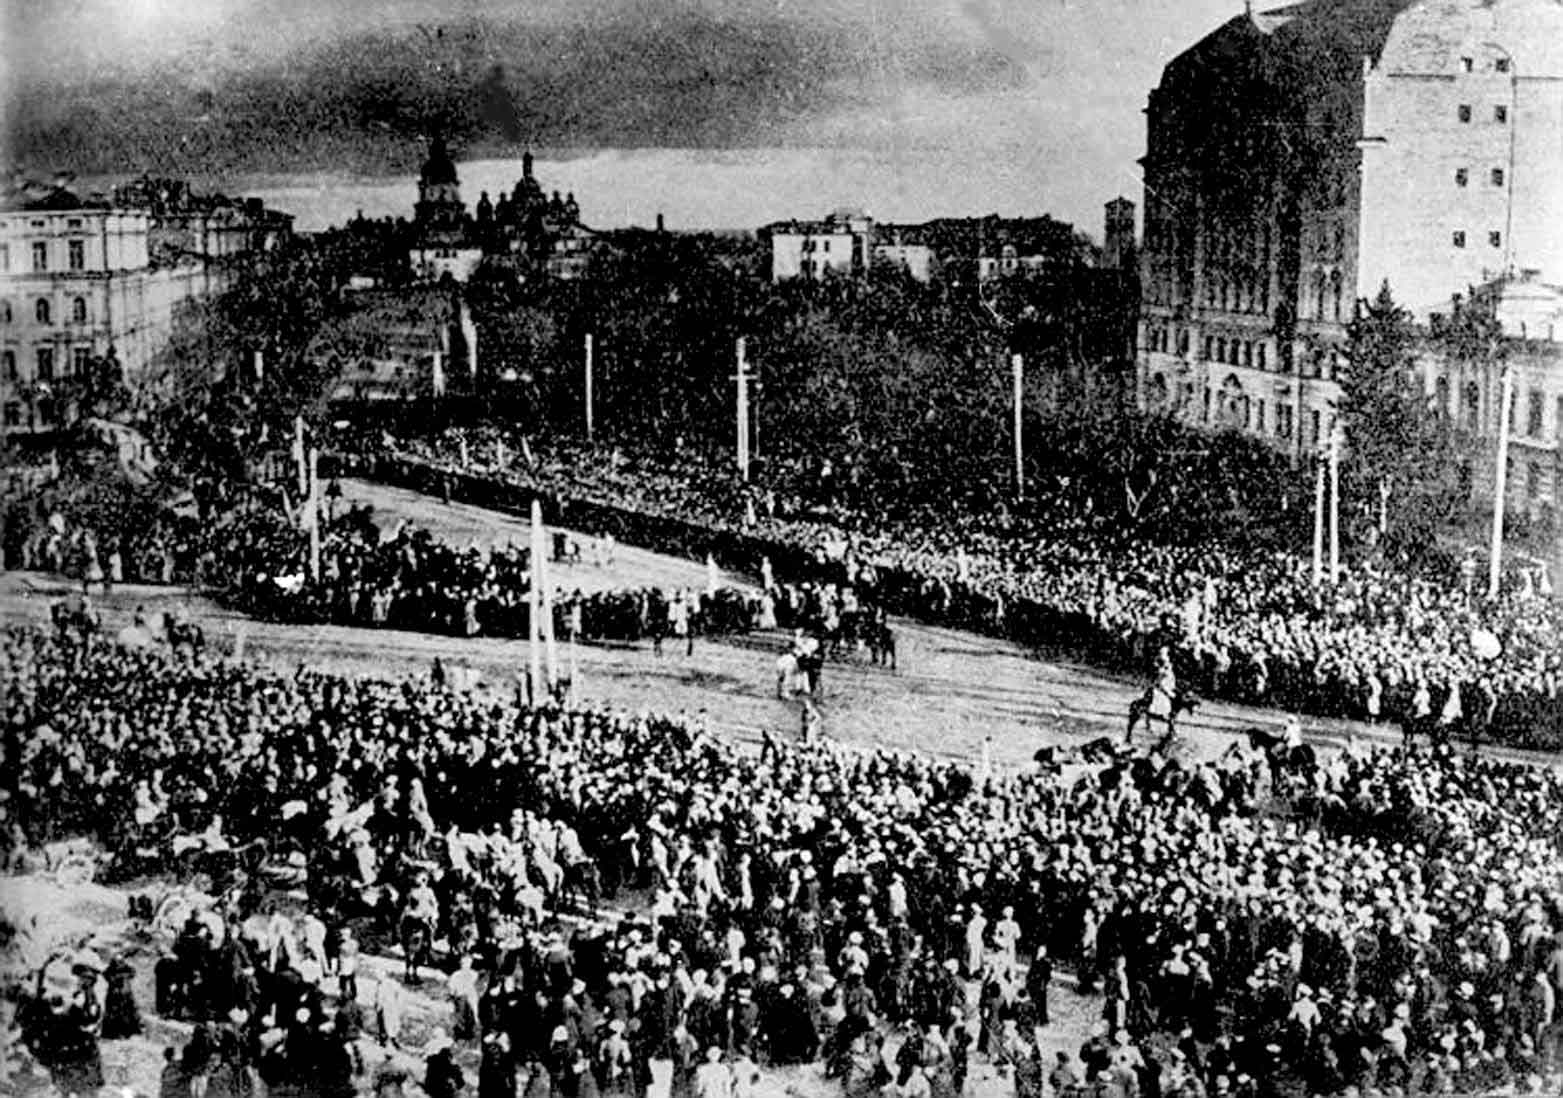 Проголошення Акту Злуки українських земель на Софійській площі в Києві. 22 січня 1919 року